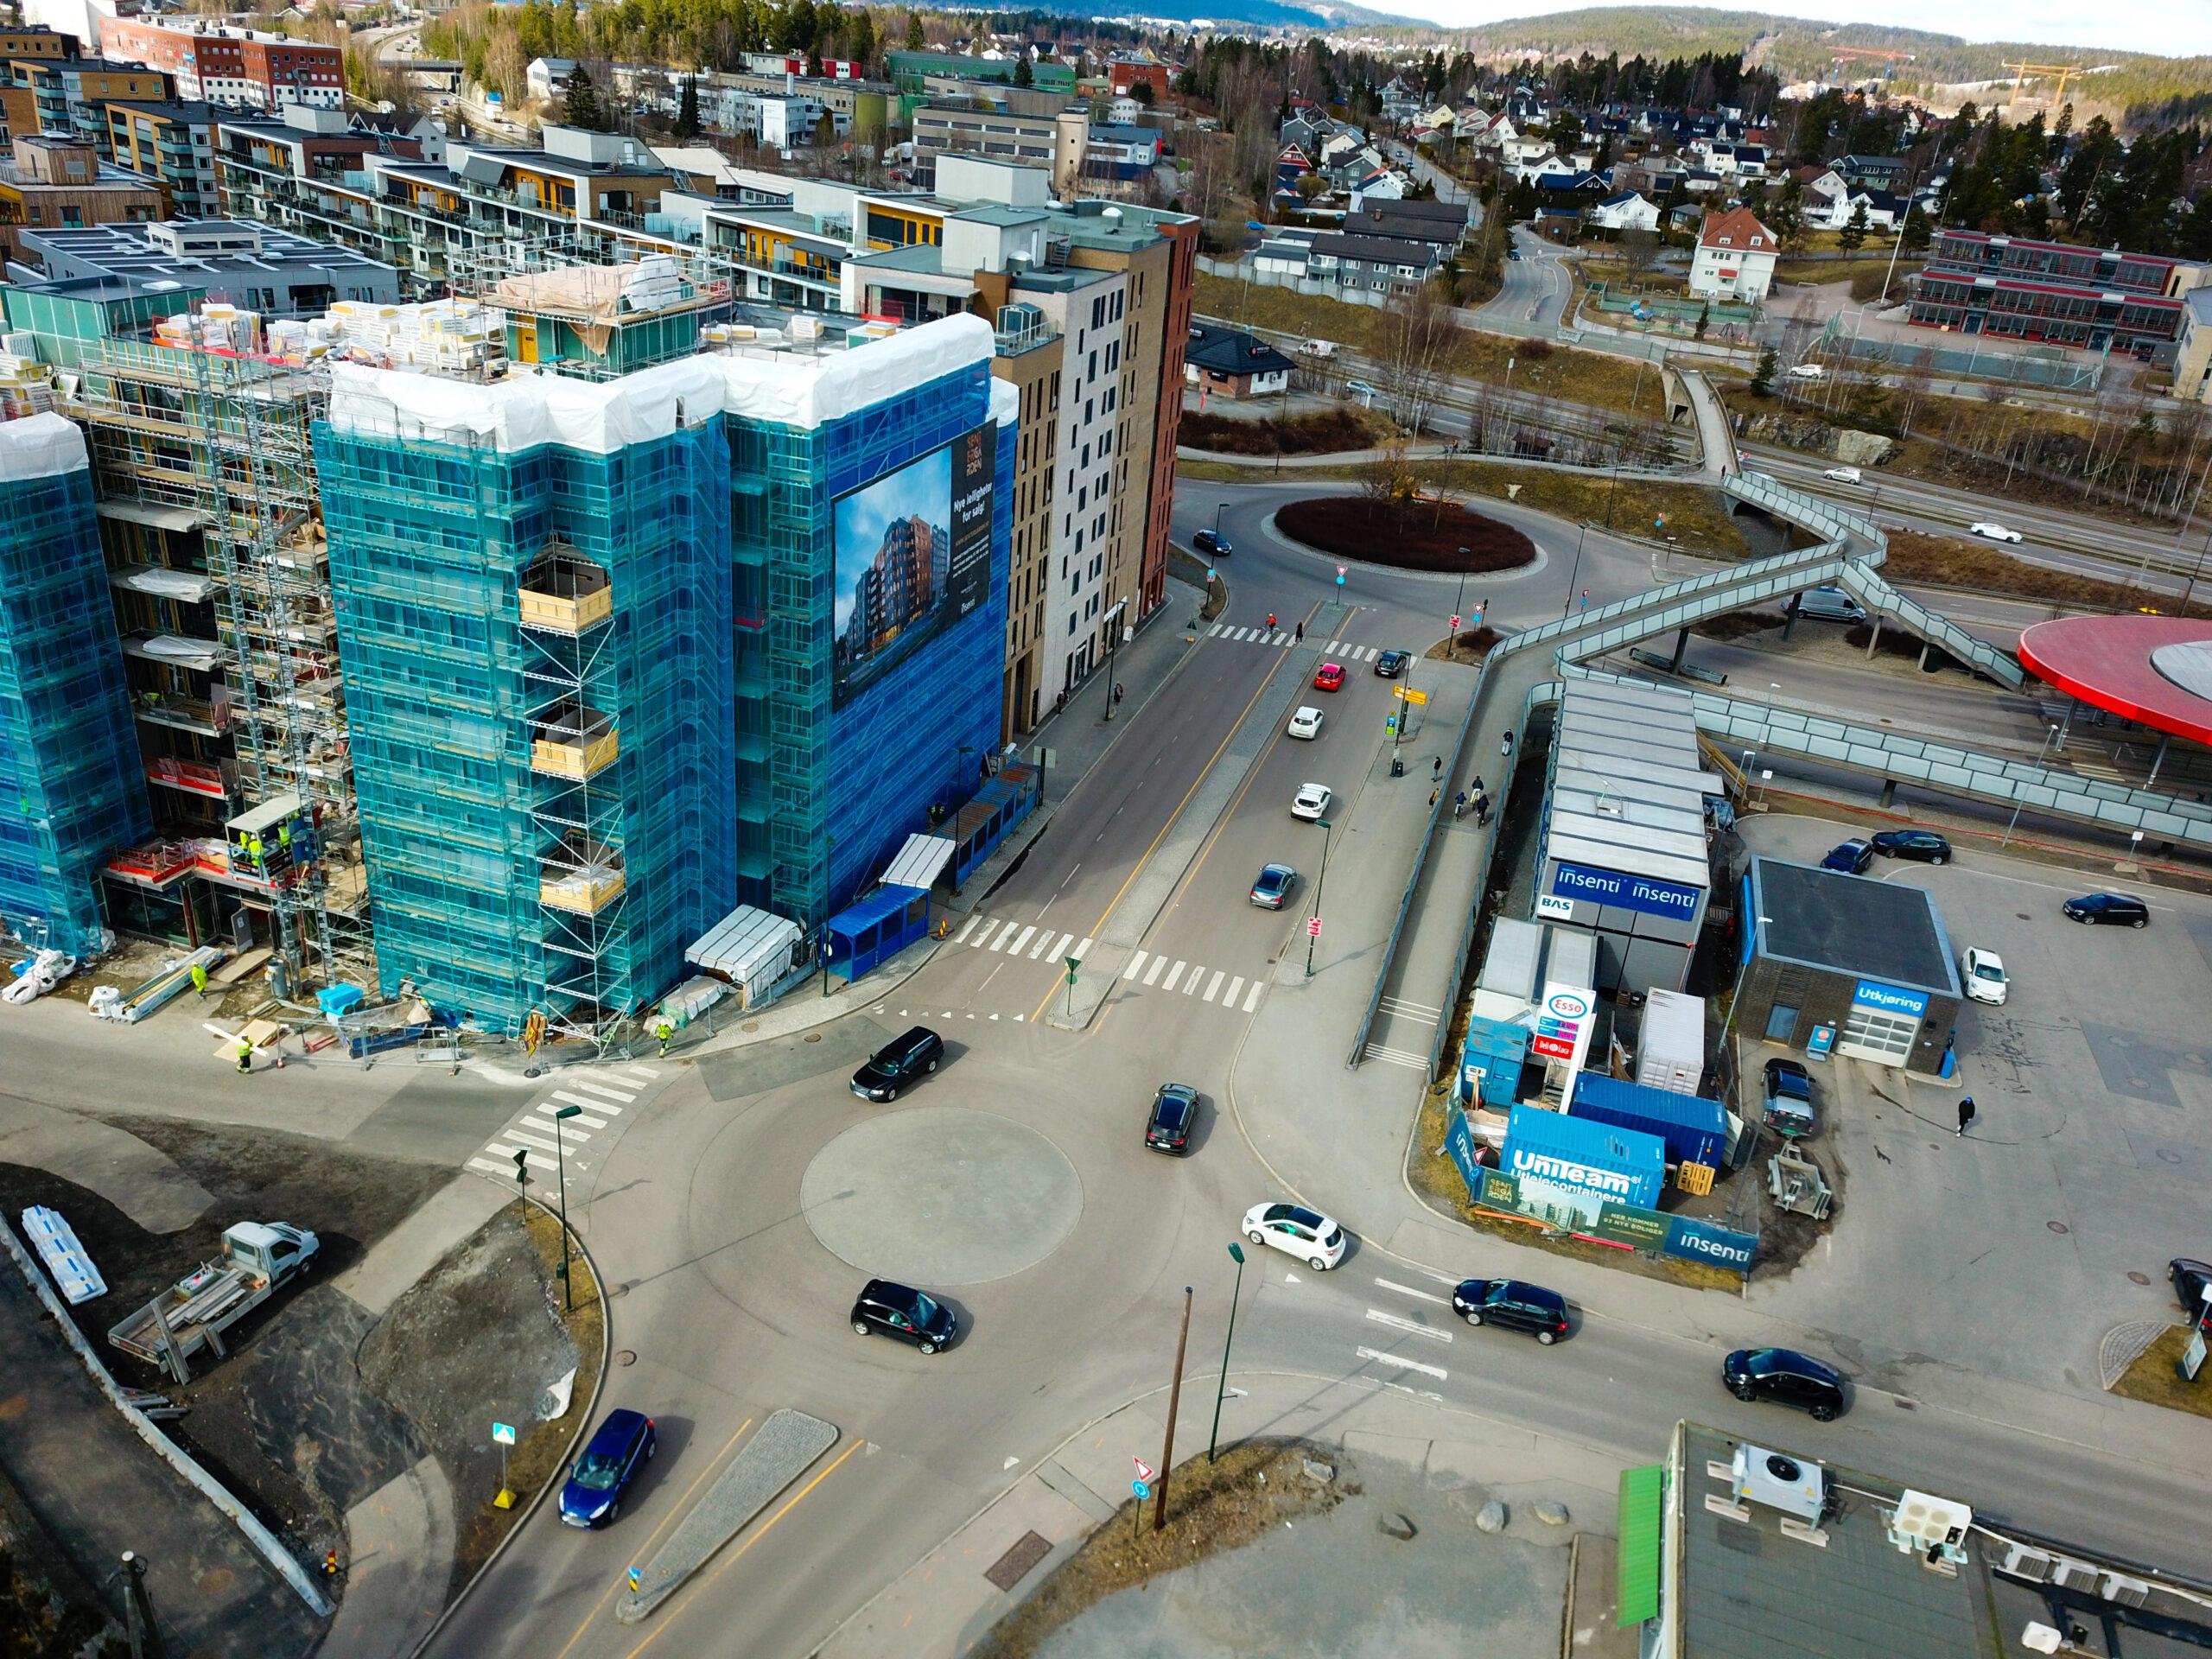 Strekningen fra og med rundkjøringen ved Biblioteksgata og fram til Solheimveien i Skårersletta skal også bygges om. Arbeidene her begynner mandag 26. april. Foto: Kristian Hvesser, Lørenskog kommune.